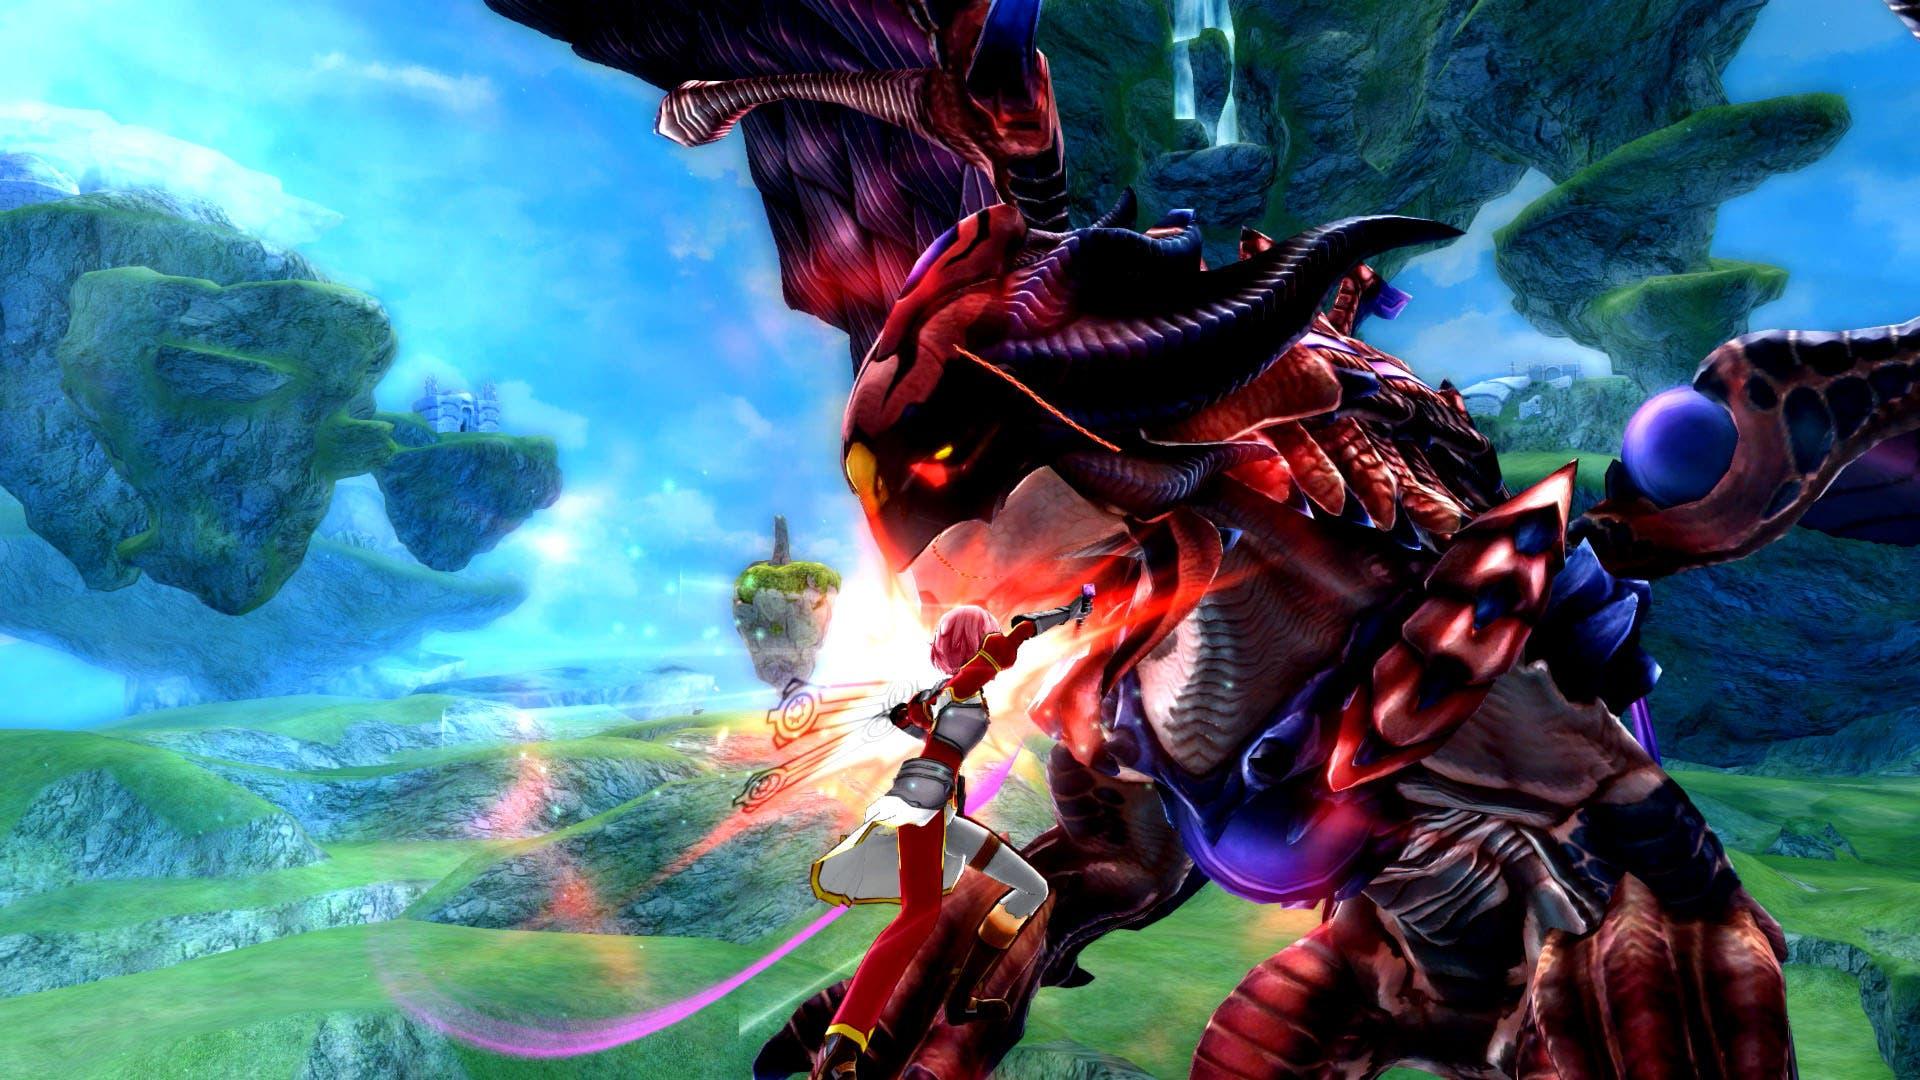 Sword art online video game release date